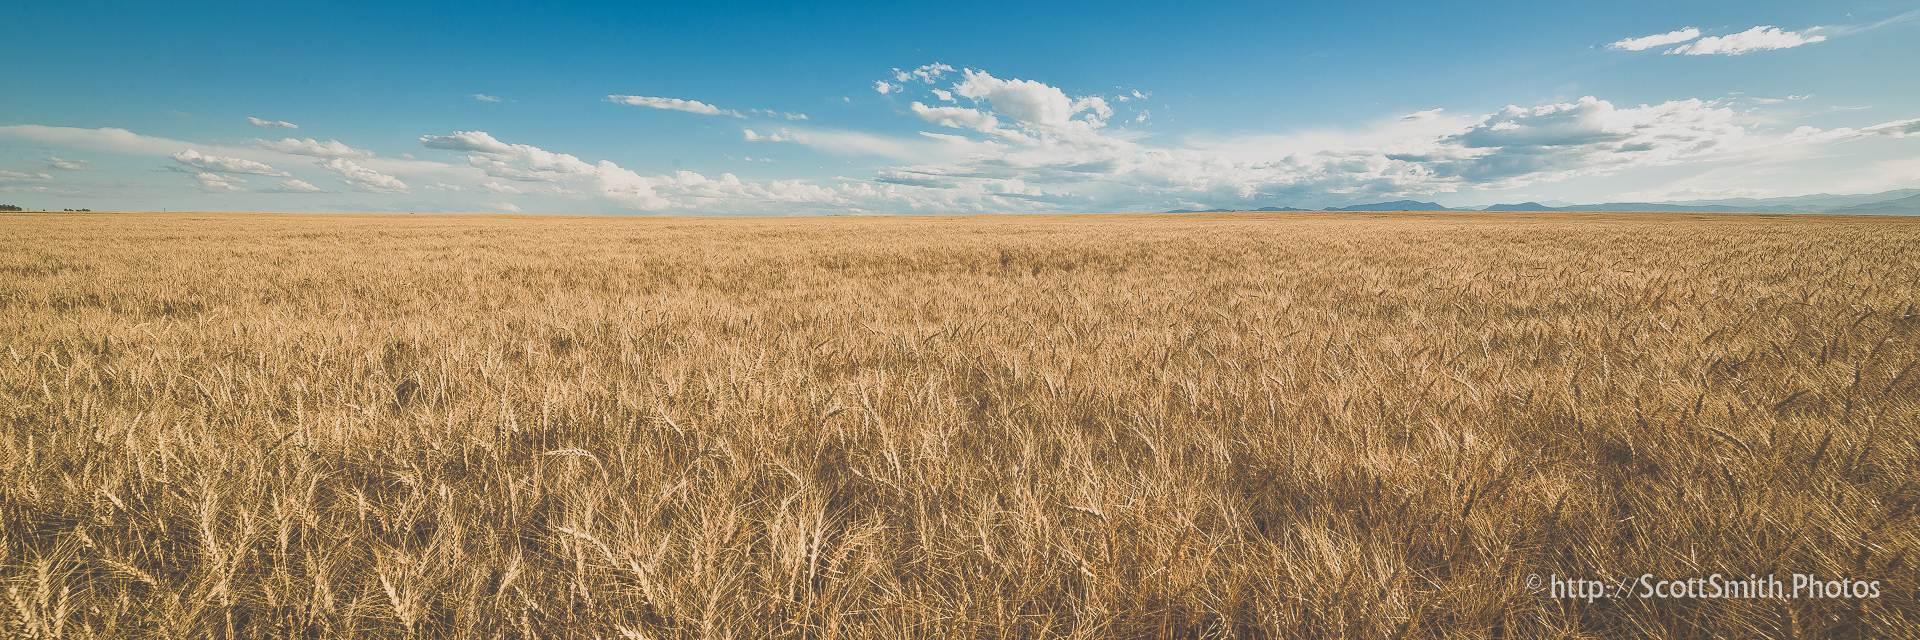 Fields of Wheat - A wheat field off of highway 52 near Longmont, Colorado in early summer. by D Scott Smith